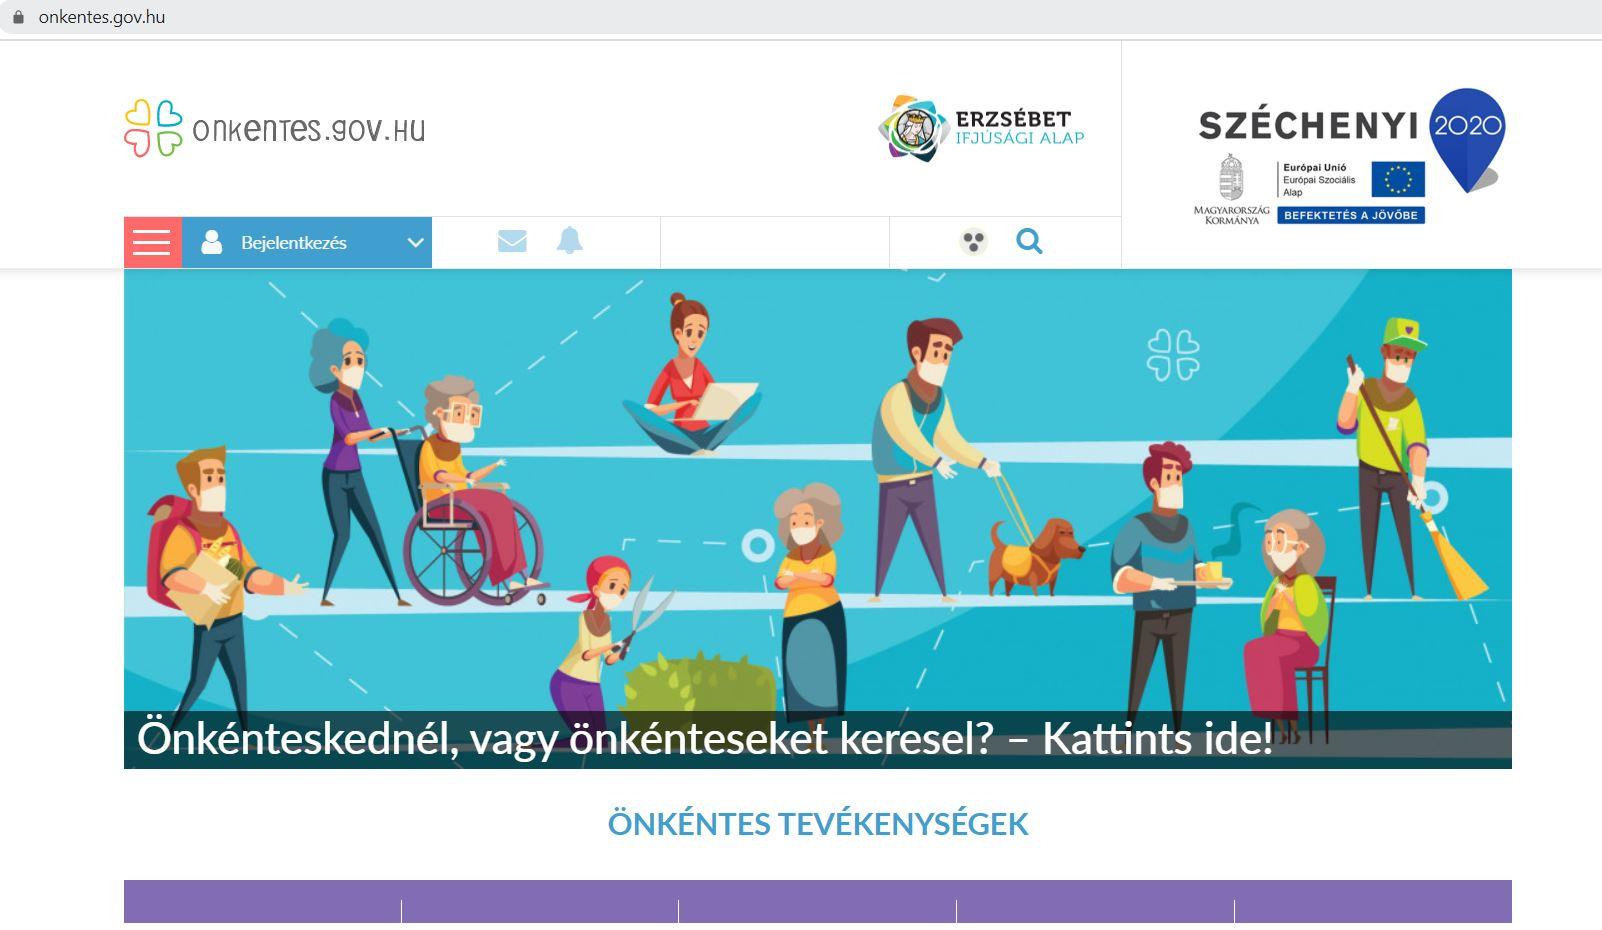 onknetes.gov.hu